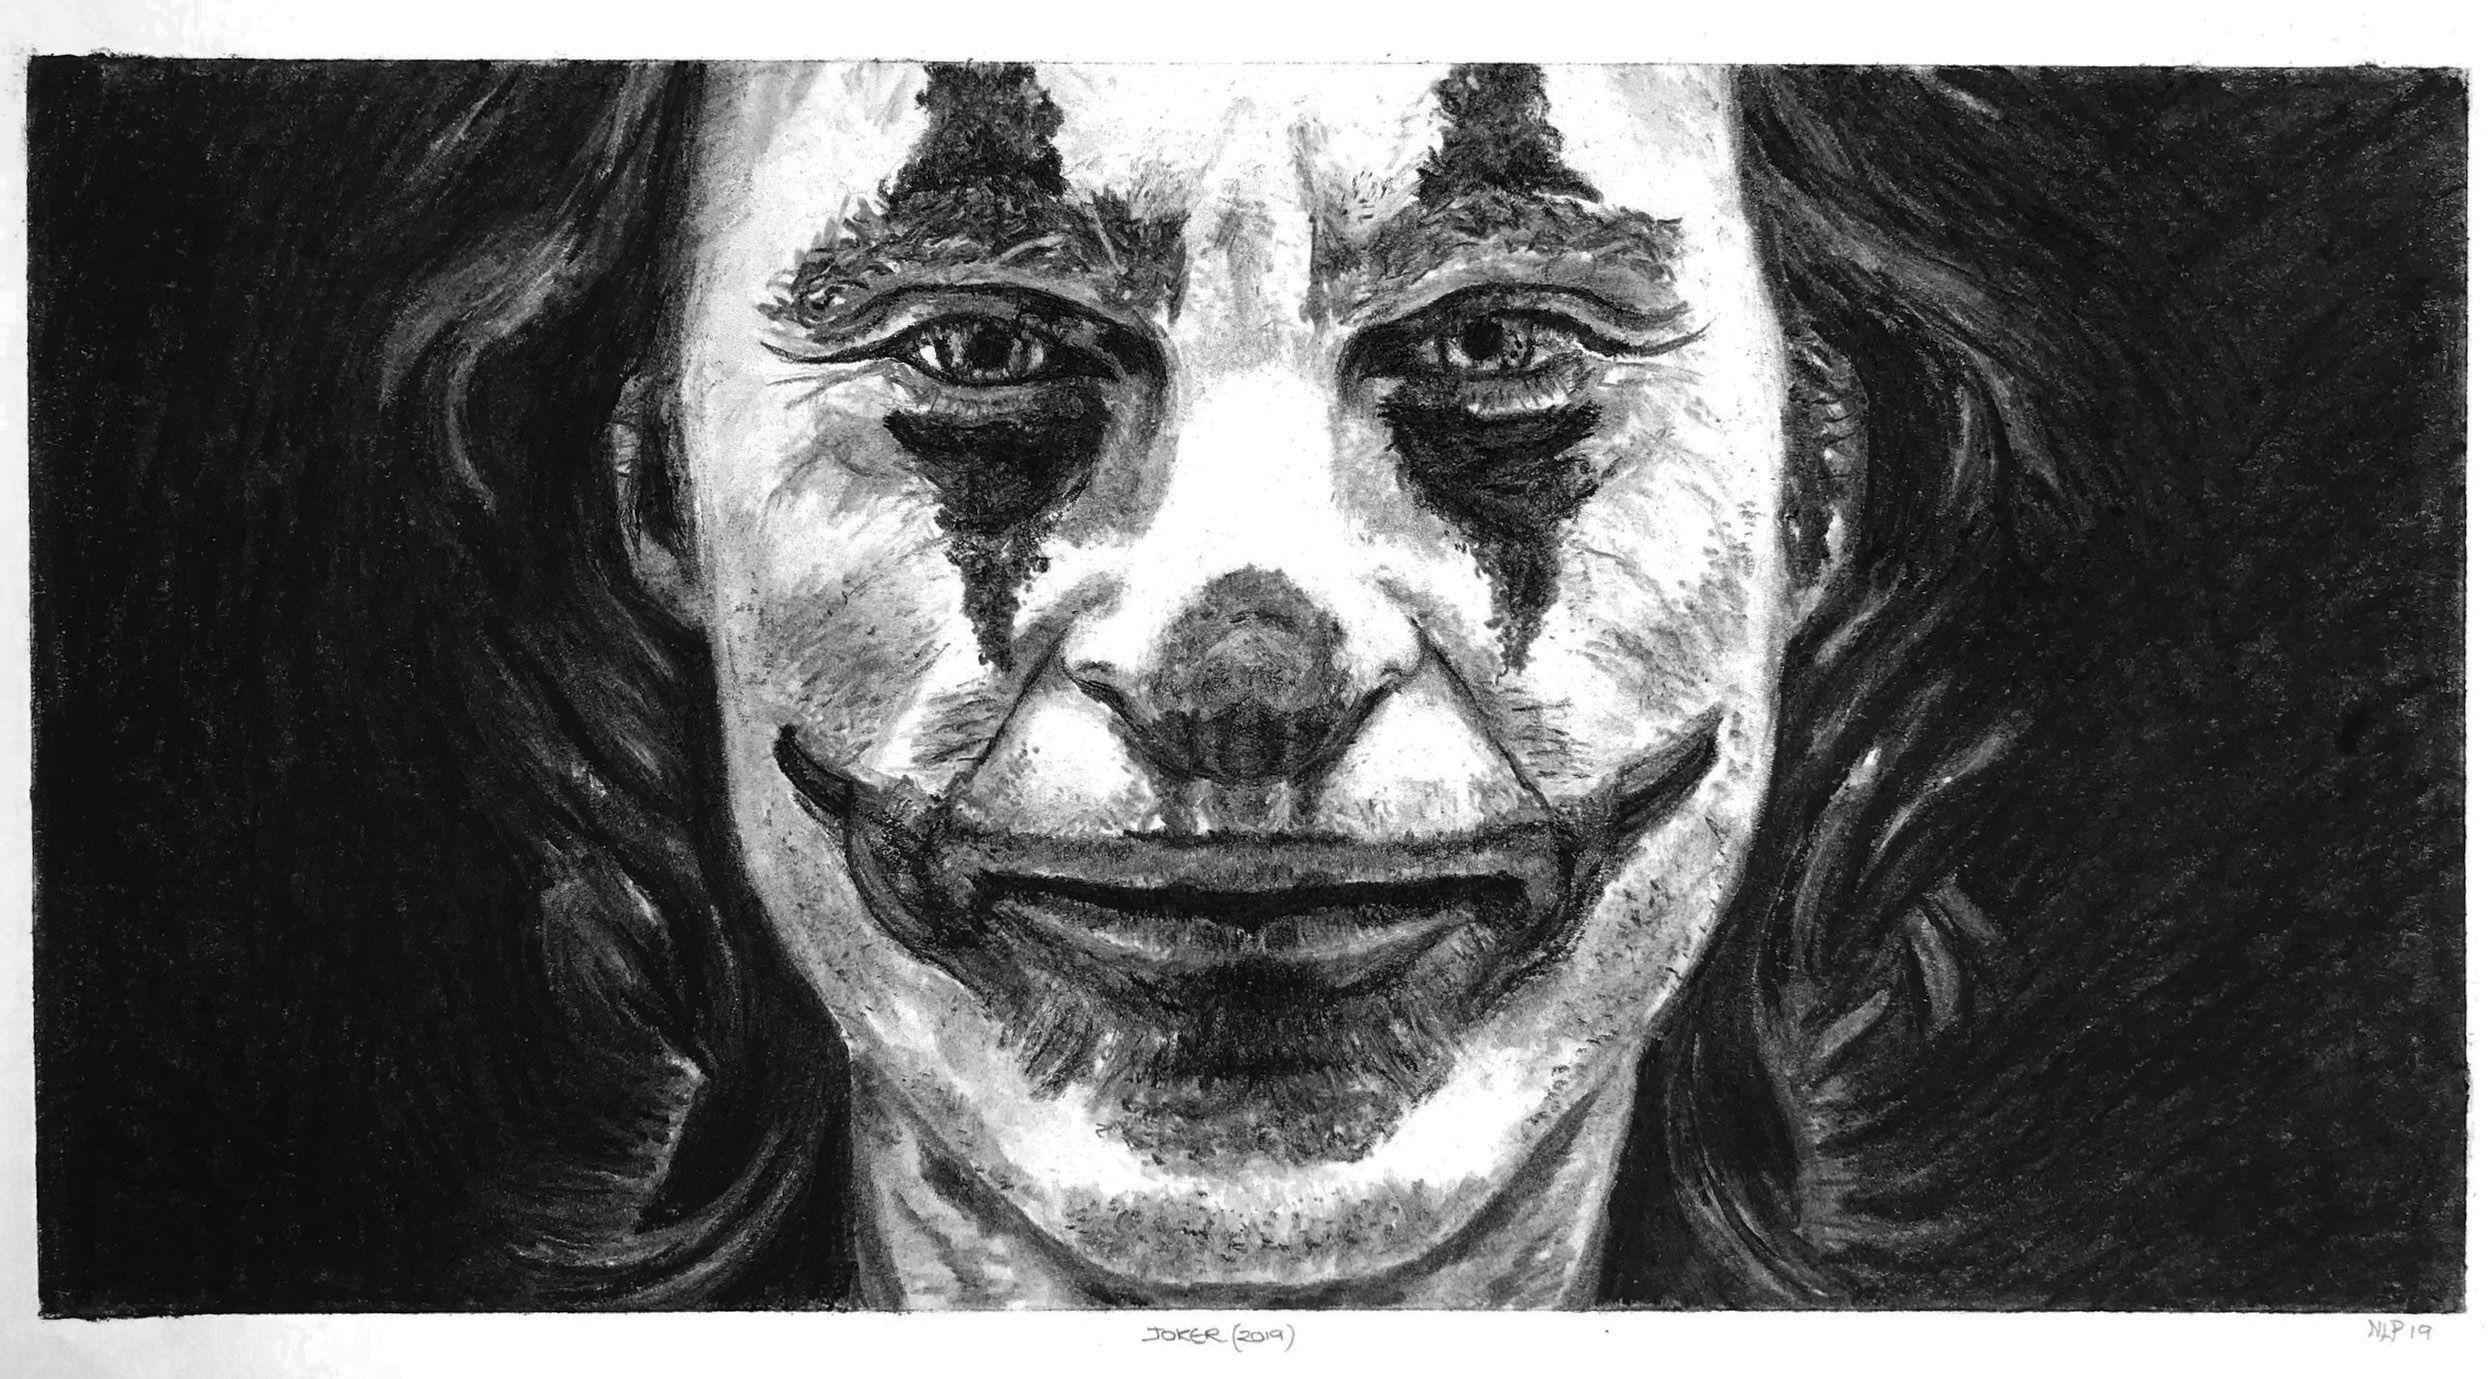 Joker By Nikki Louise In 2020 Joker Charcoal Art Artwork